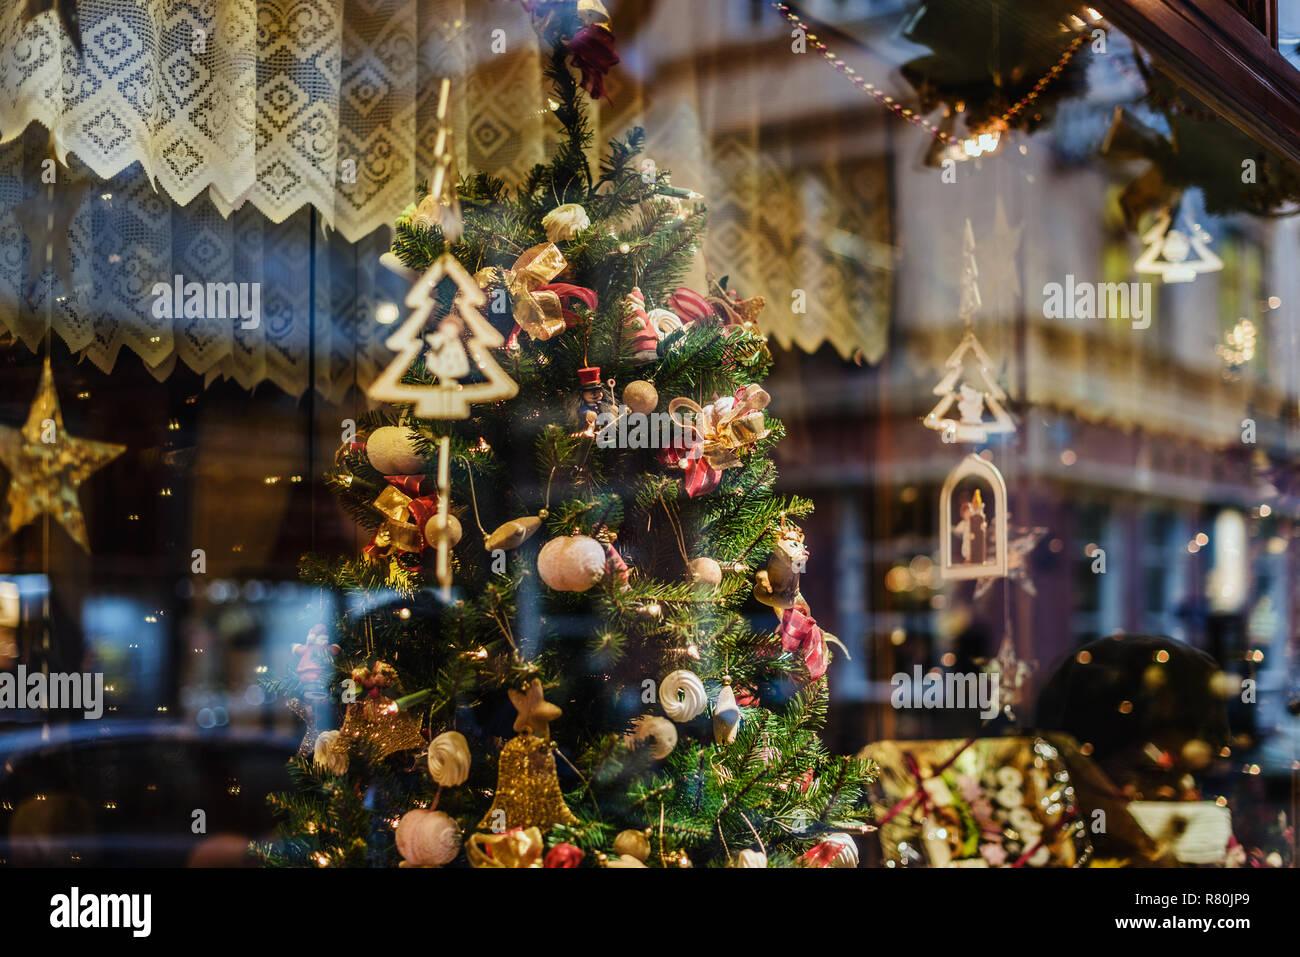 österreich Weihnachtsbaum.Wien österreich 21 Dezember 2017 Vitrine Mit Weihnachtsbaum